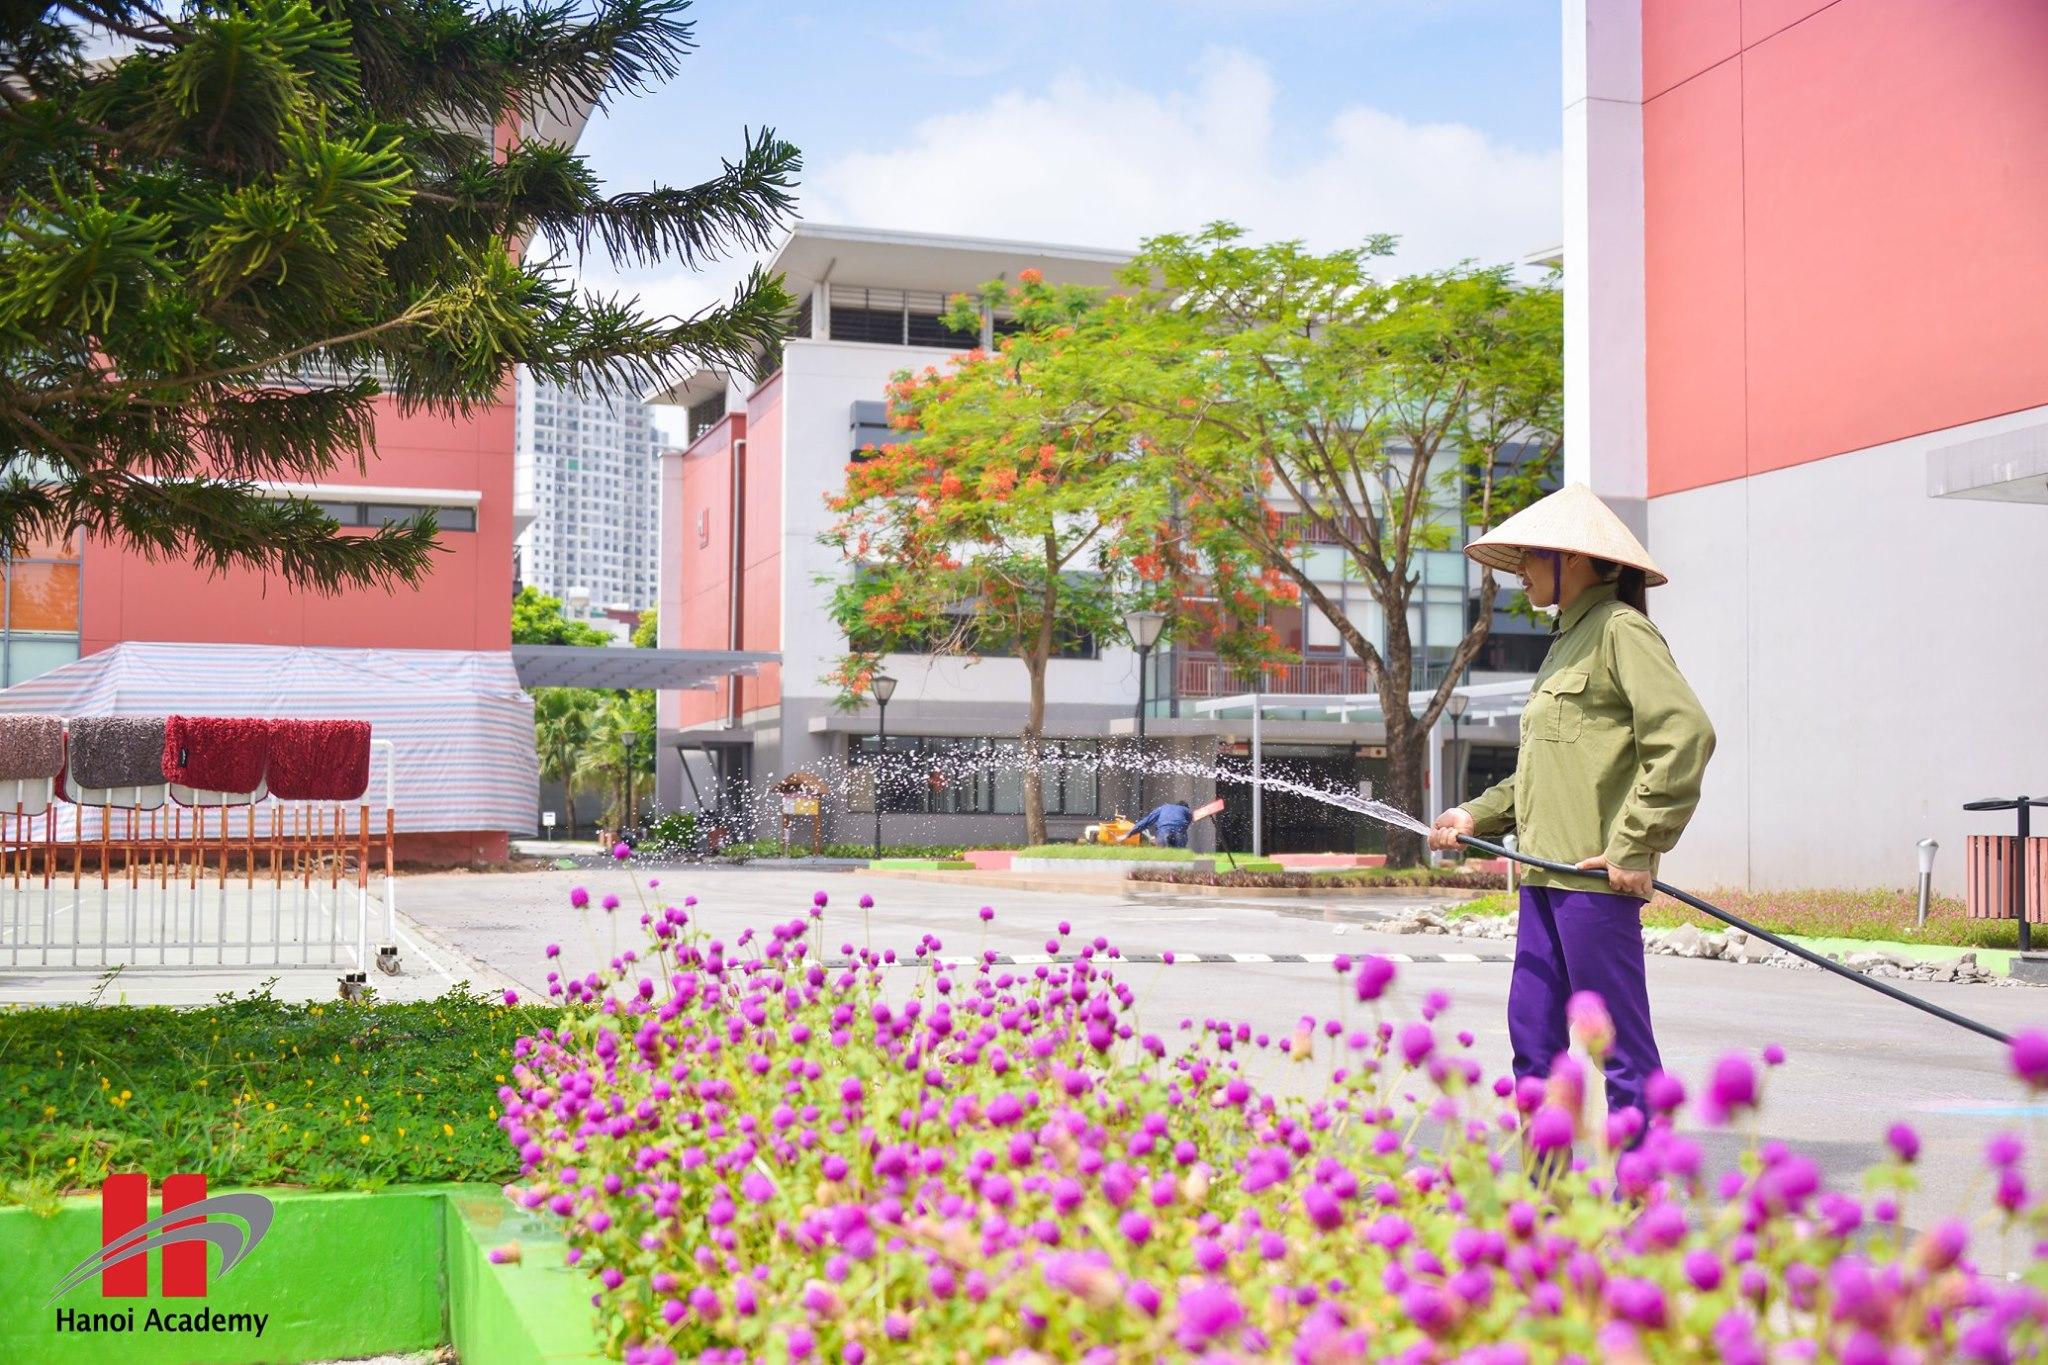 Mãn nhãn với không gian xanh của trường song ngữ Hanoi Academy